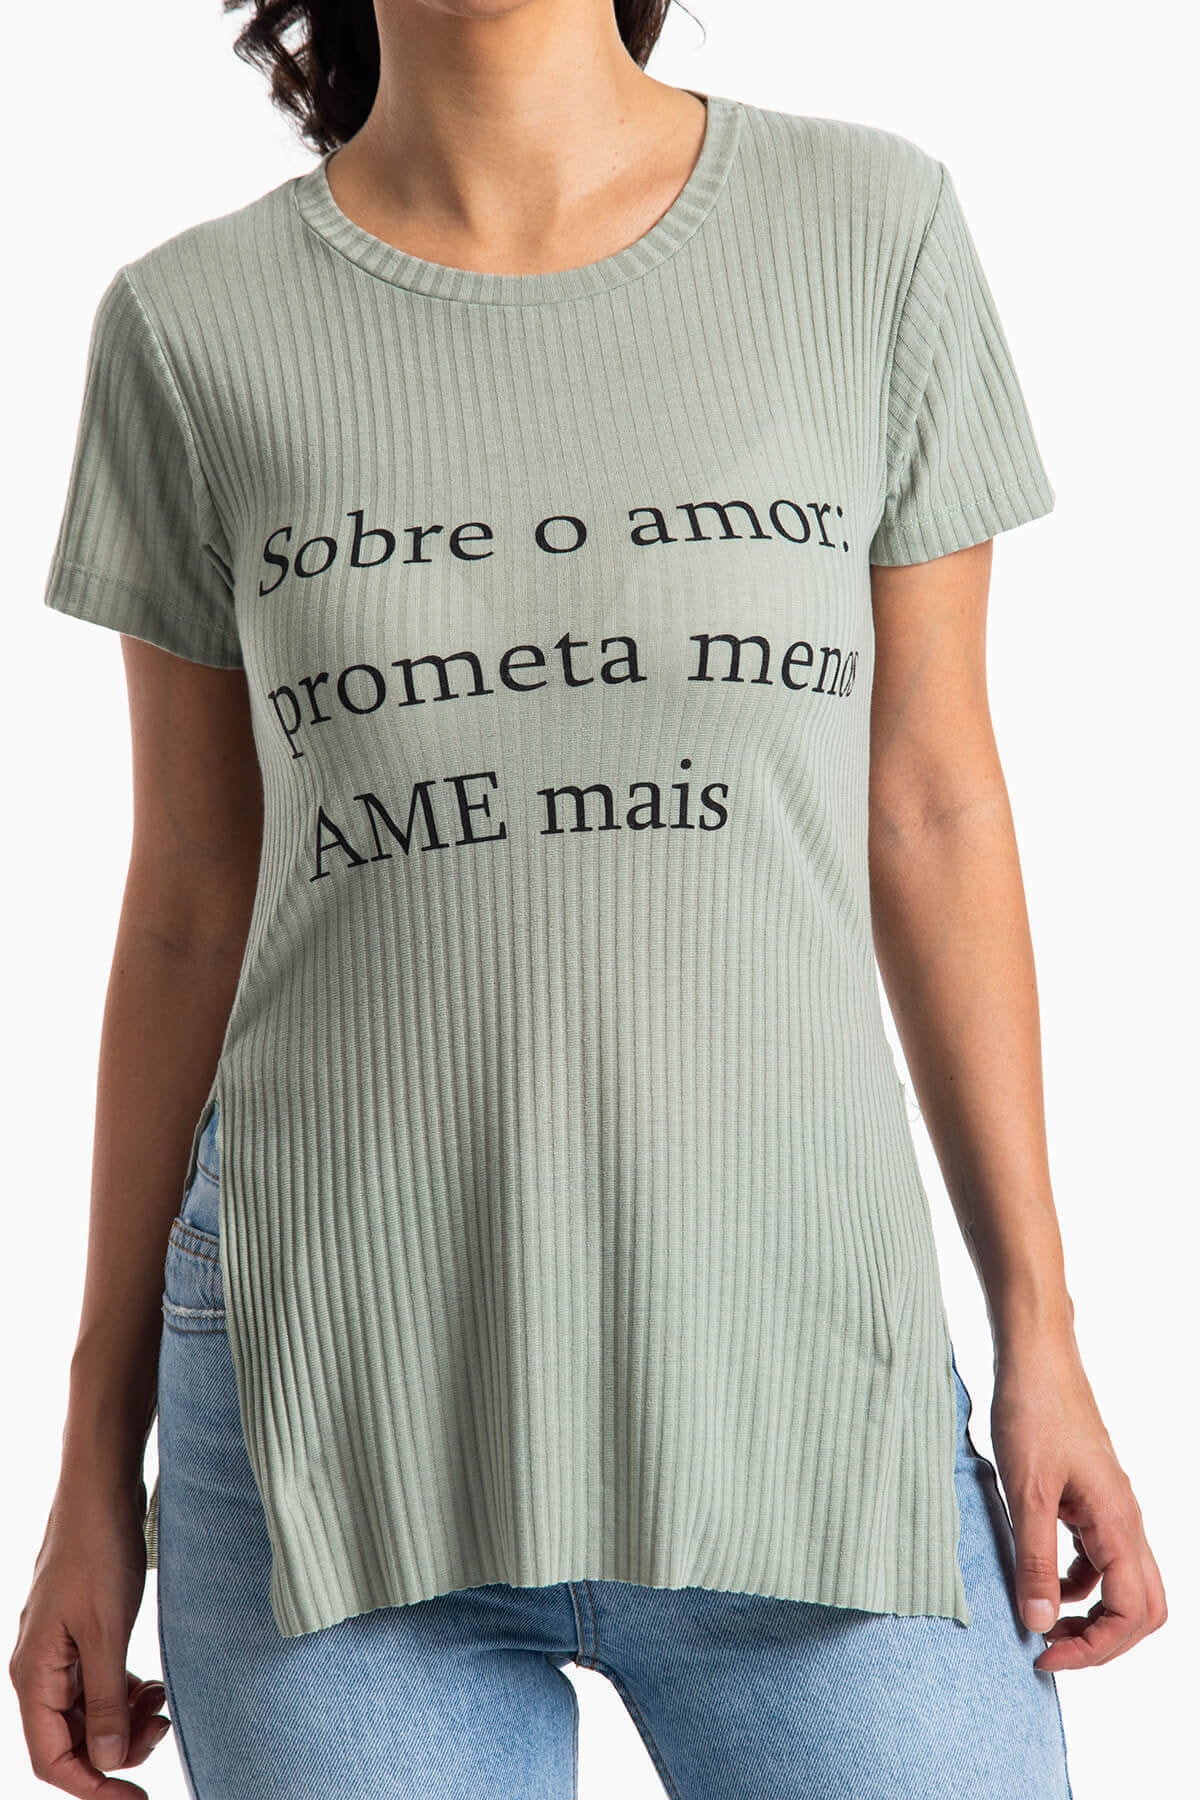 Mossta Kadın Haki Yırtmaçlı Kaşkorse T-shirt 2